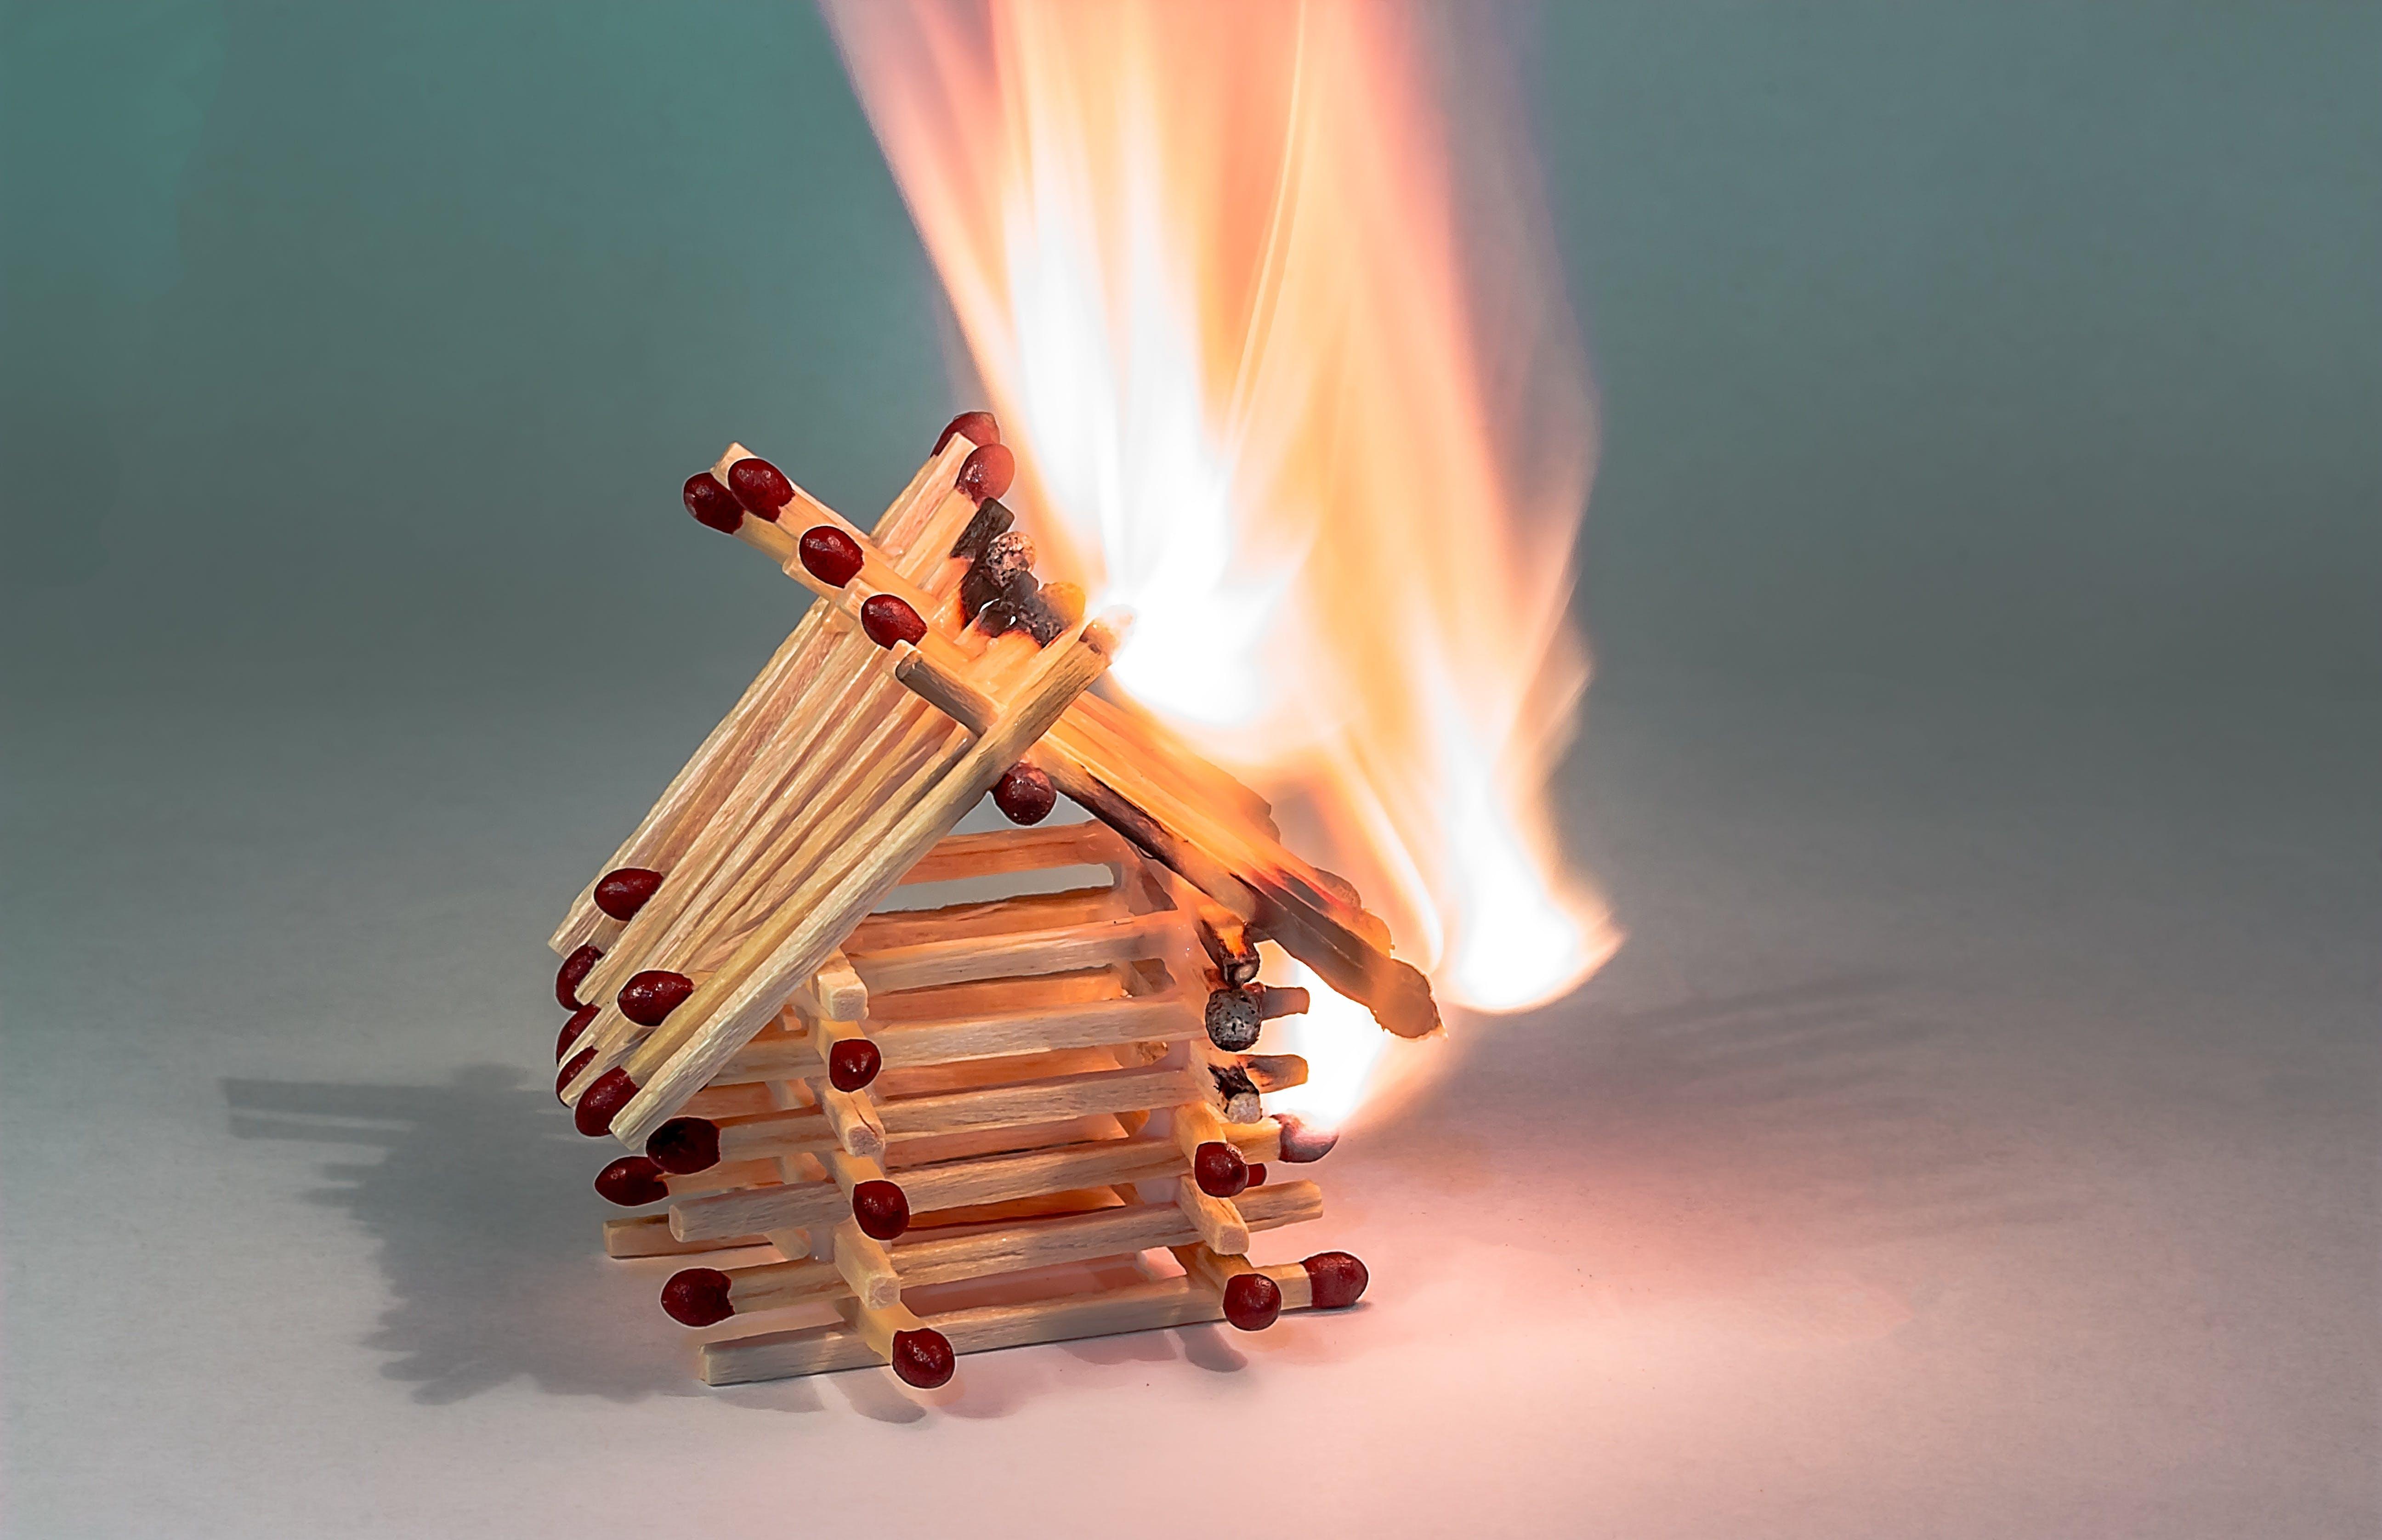 Fotos de stock gratuitas de ardiente, atractivo, calor, cerillas